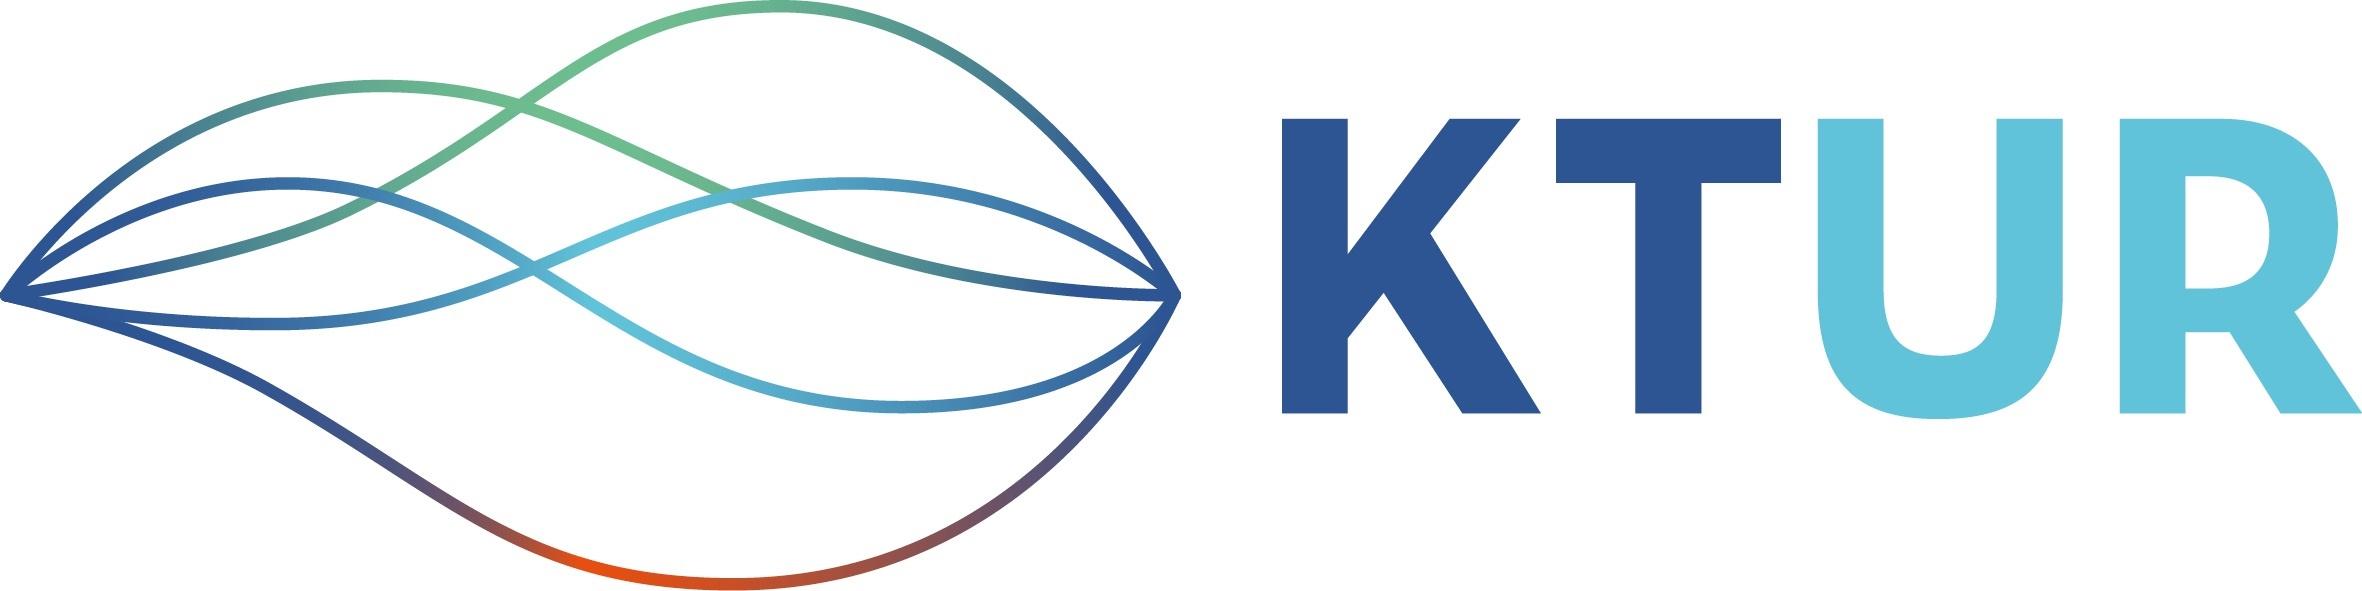 KTUR_Logo-Plakativ_RGB.jpg